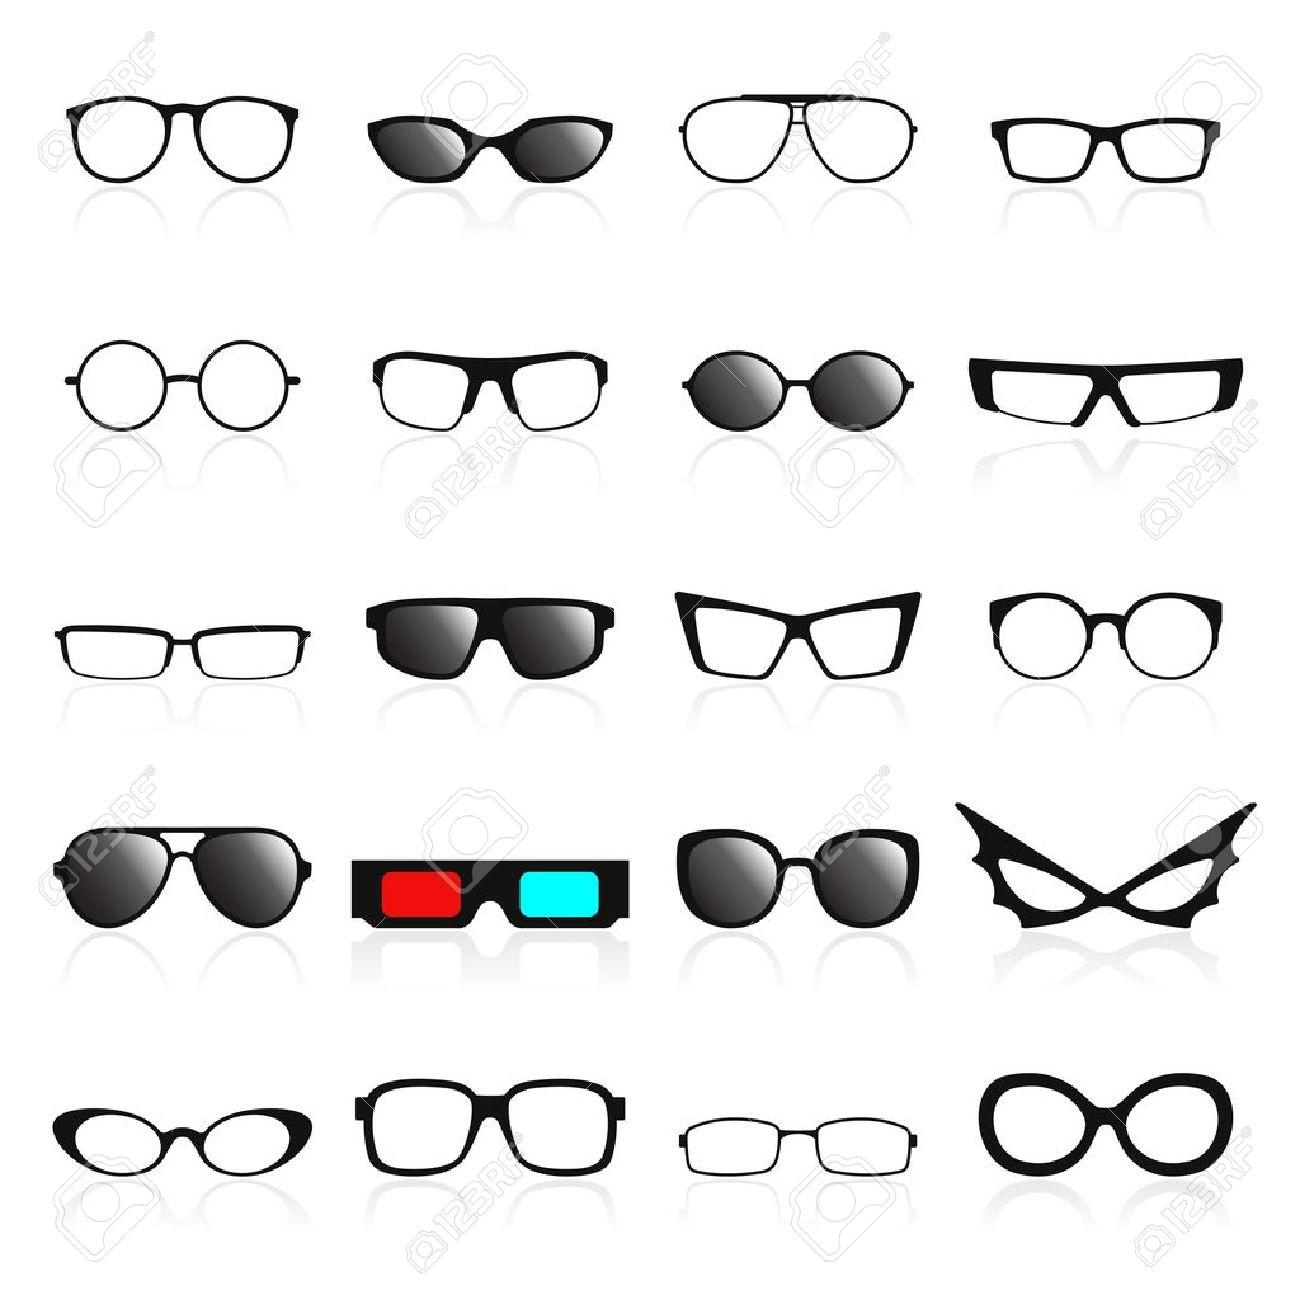 Glasses frame icons. Vector illustration - 21601571